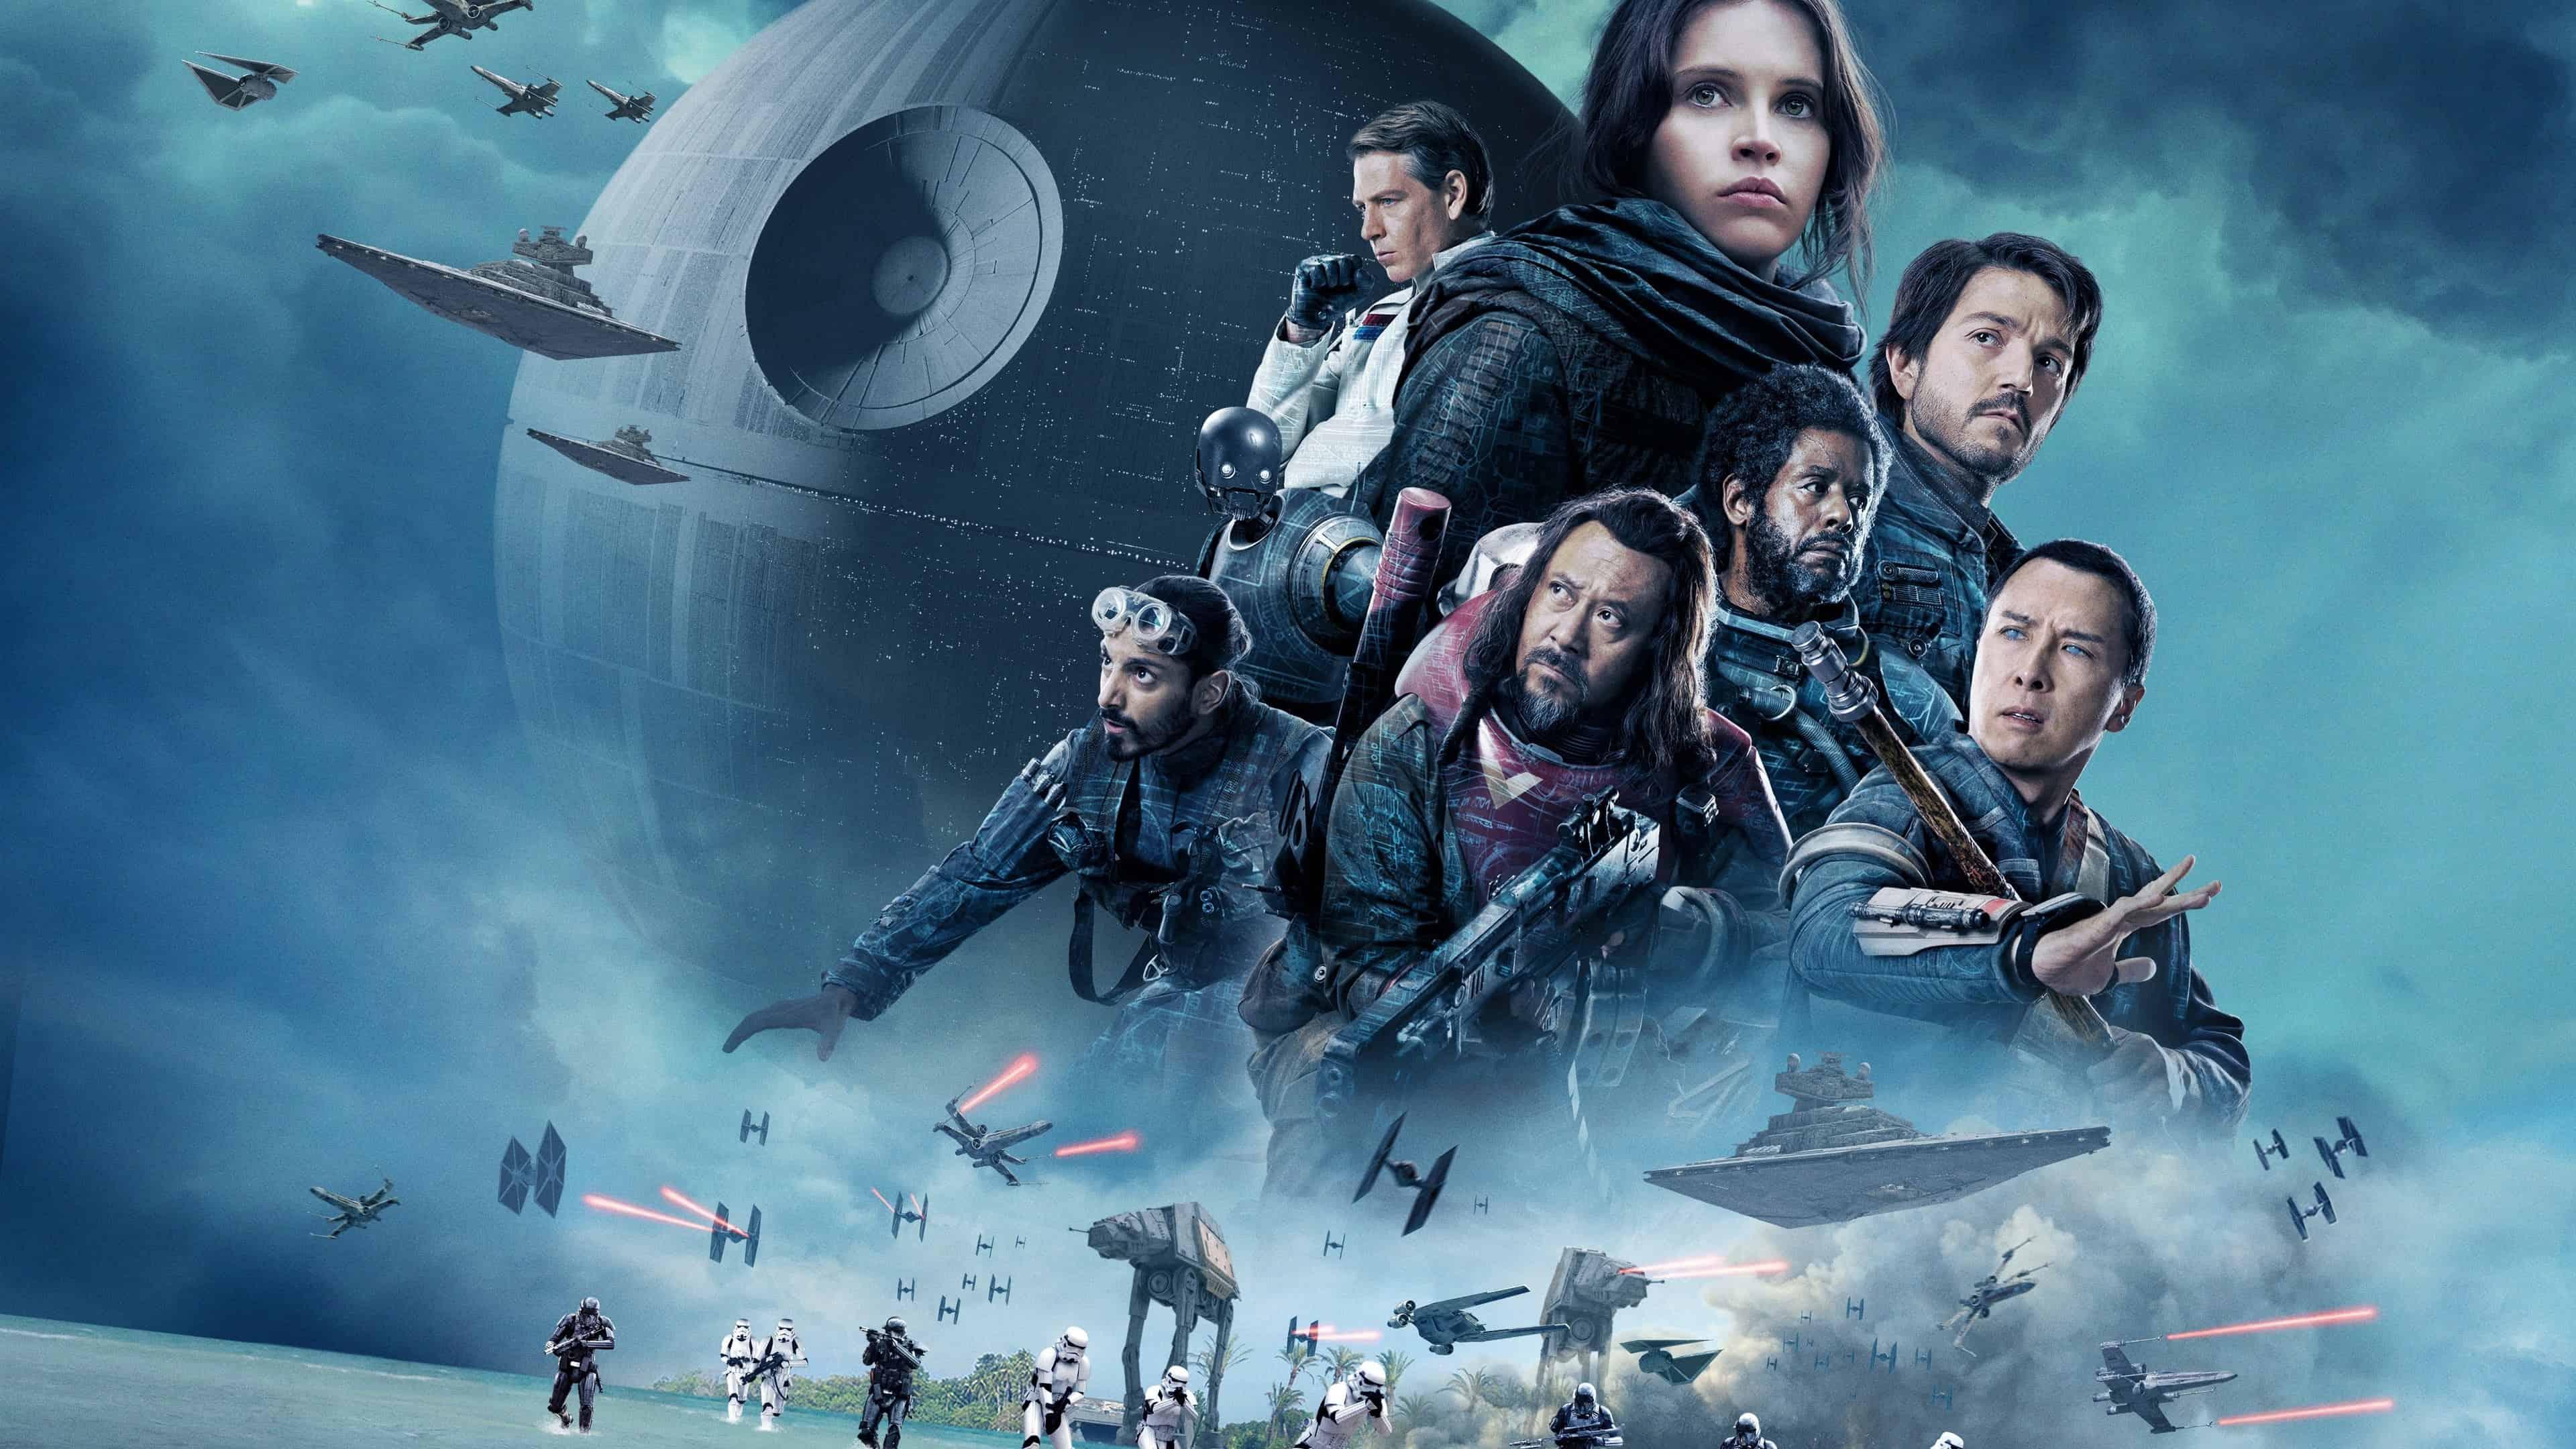 Rogue One A Star Wars Story Uhd 4k Wallpaper Star Wars Rogue One Wallpaper 4k 3840x2160 Download Hd Wallpaper Wallpapertip